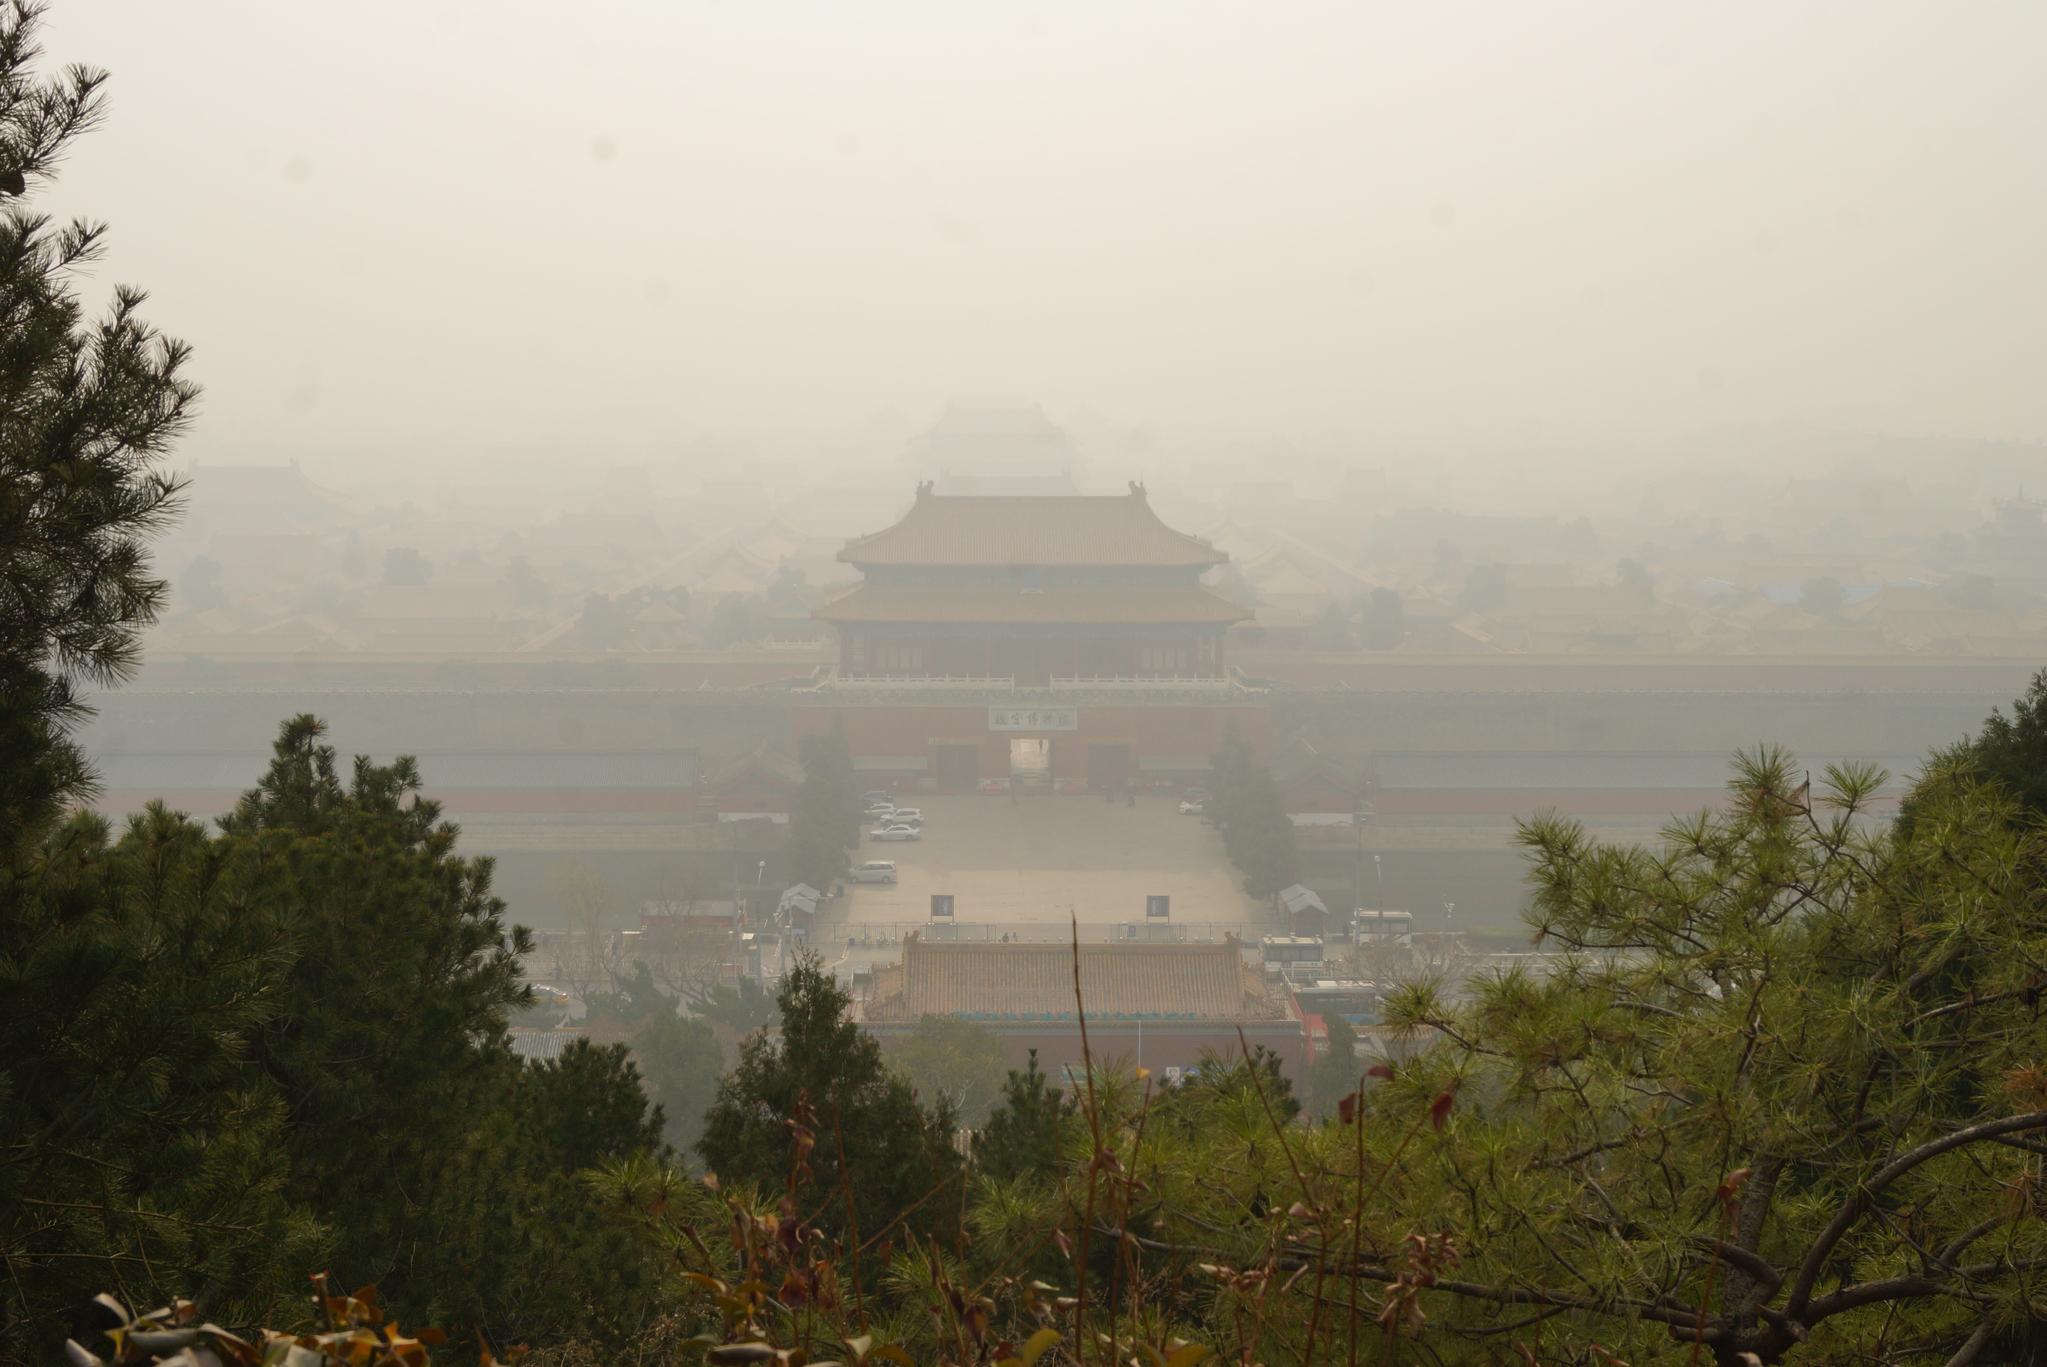 지난해 11월 26일 중국 베이징 징산공원에서 내려다본 자금성. 짙은 스모그로 누각들이 제대로 보이지 않았다. 베이징=강찬수 기자